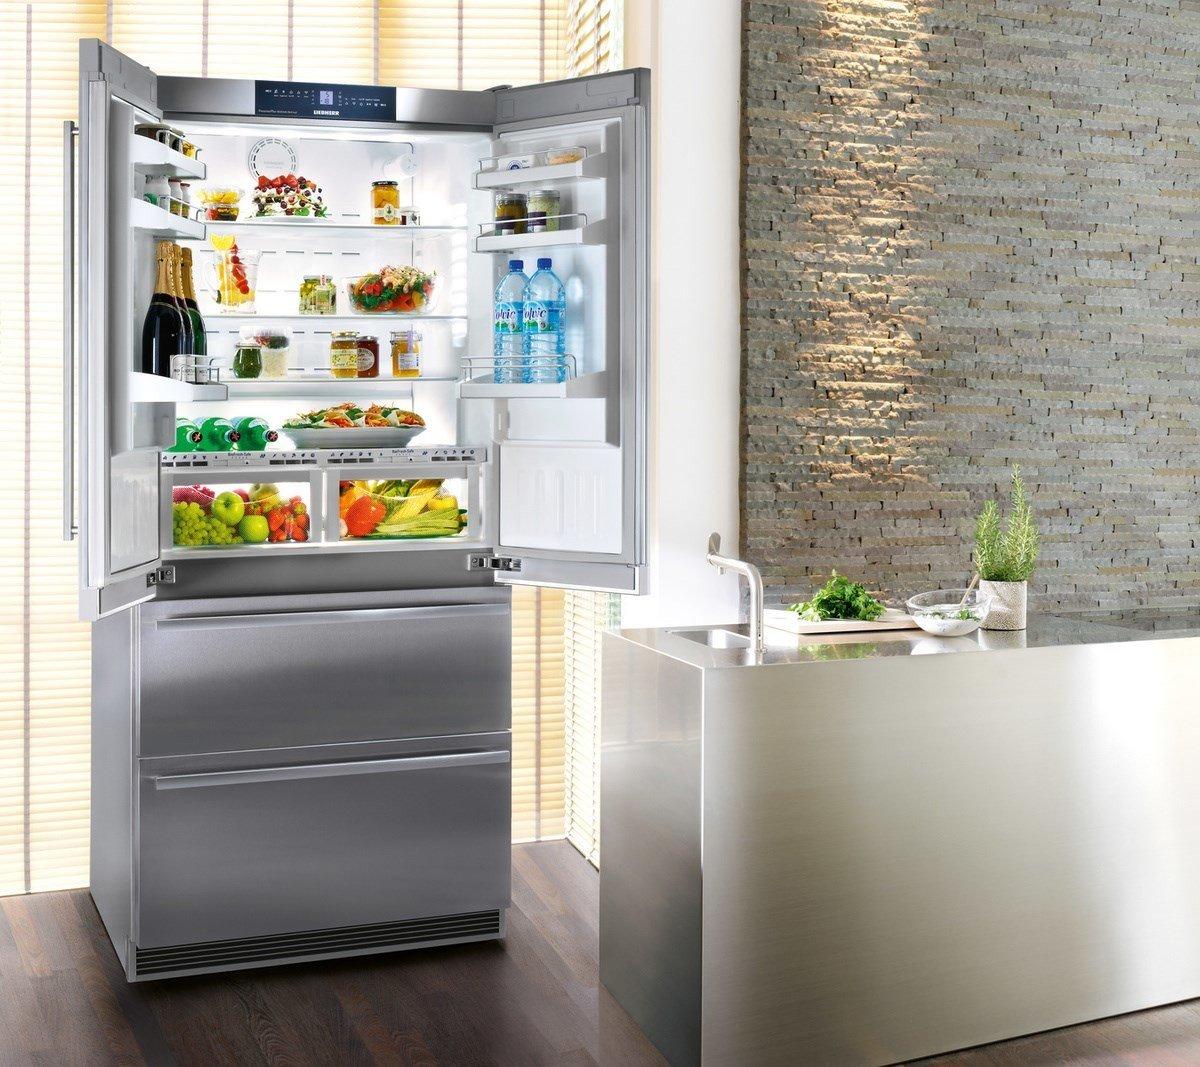 купить холодильник для дома